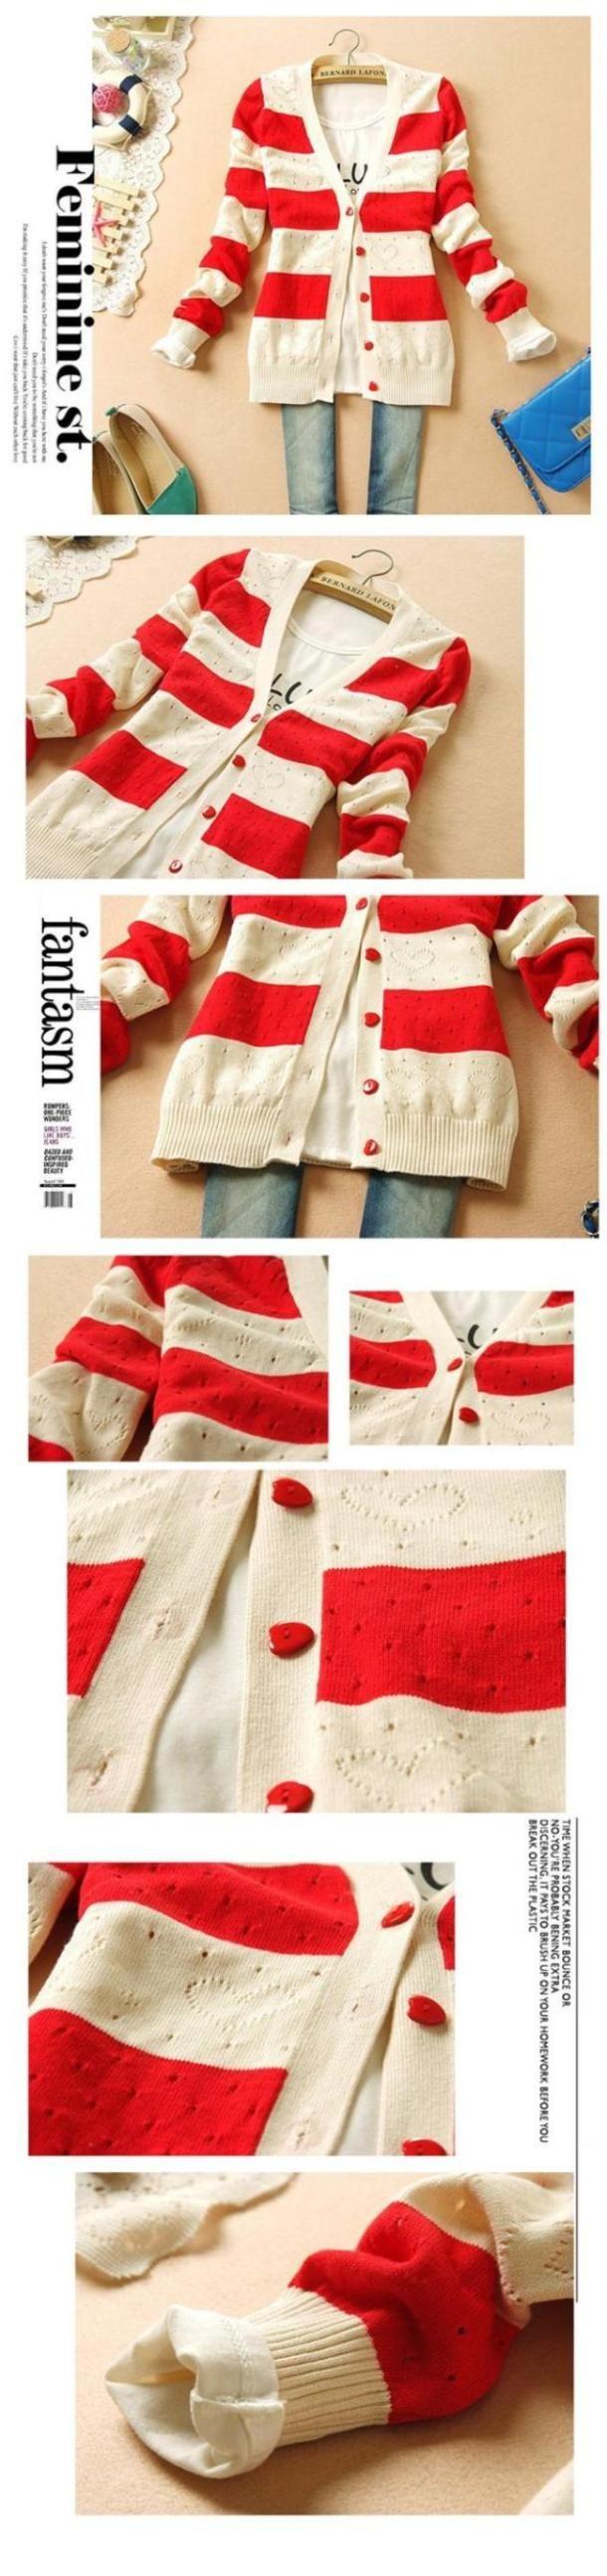 Vermelho listrado curto Cardigan mulheres camisola de malha camisolas 2015 moda feminina V Neck único Breasted Tricotado Cardigans 882 em Cardigãs de Roupas e Acessórios Femininos no AliExpress.com | Alibaba Group